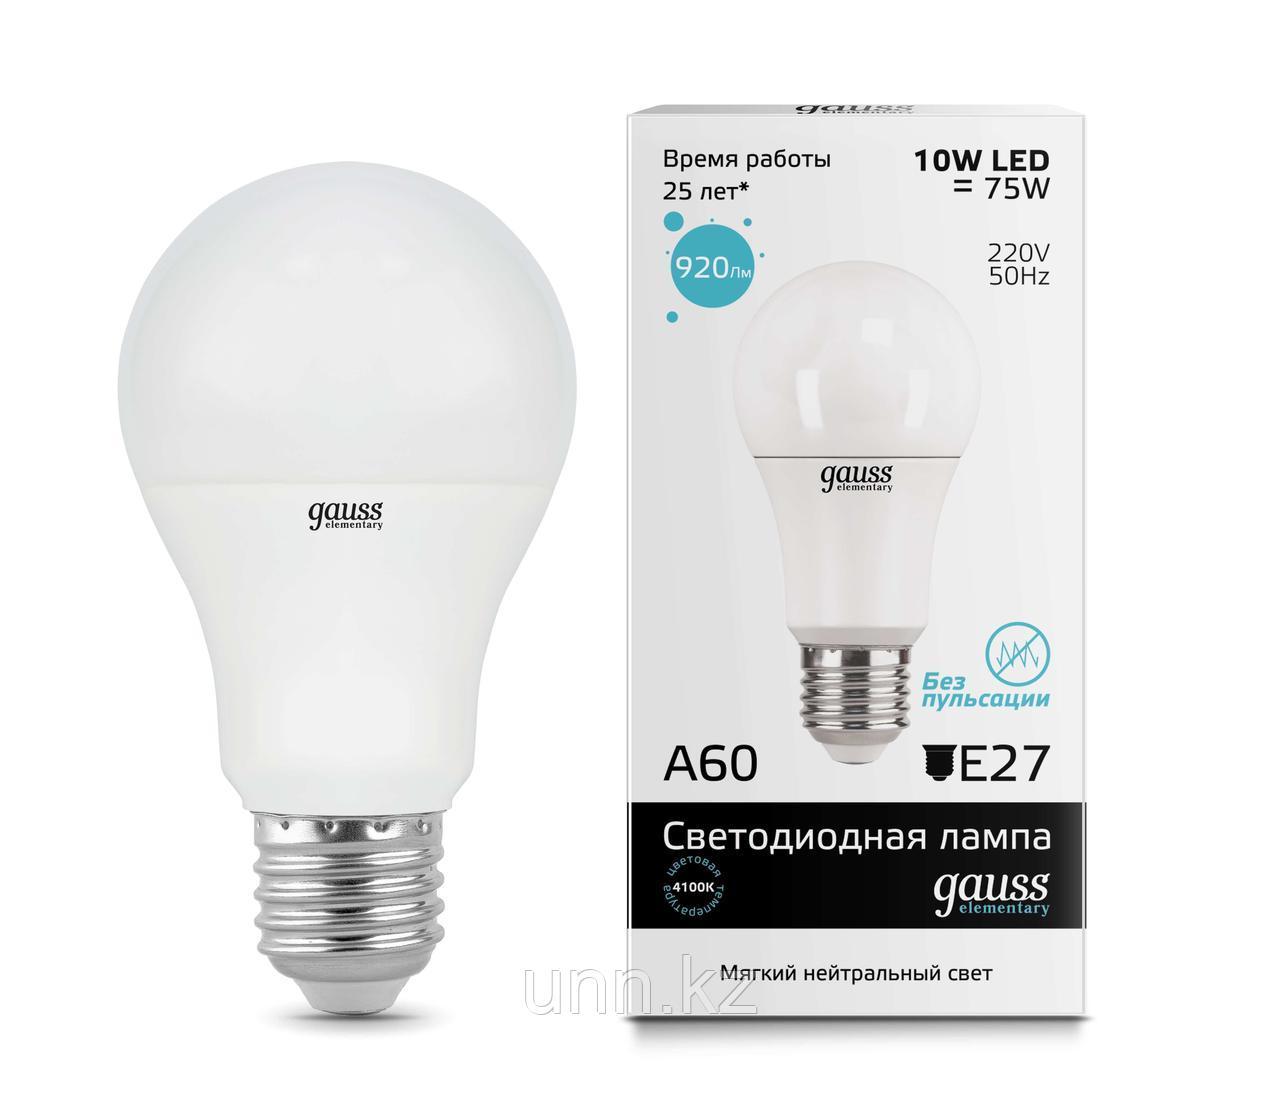 Лампа Gauss Elementary LED A60 10W E27 4100K